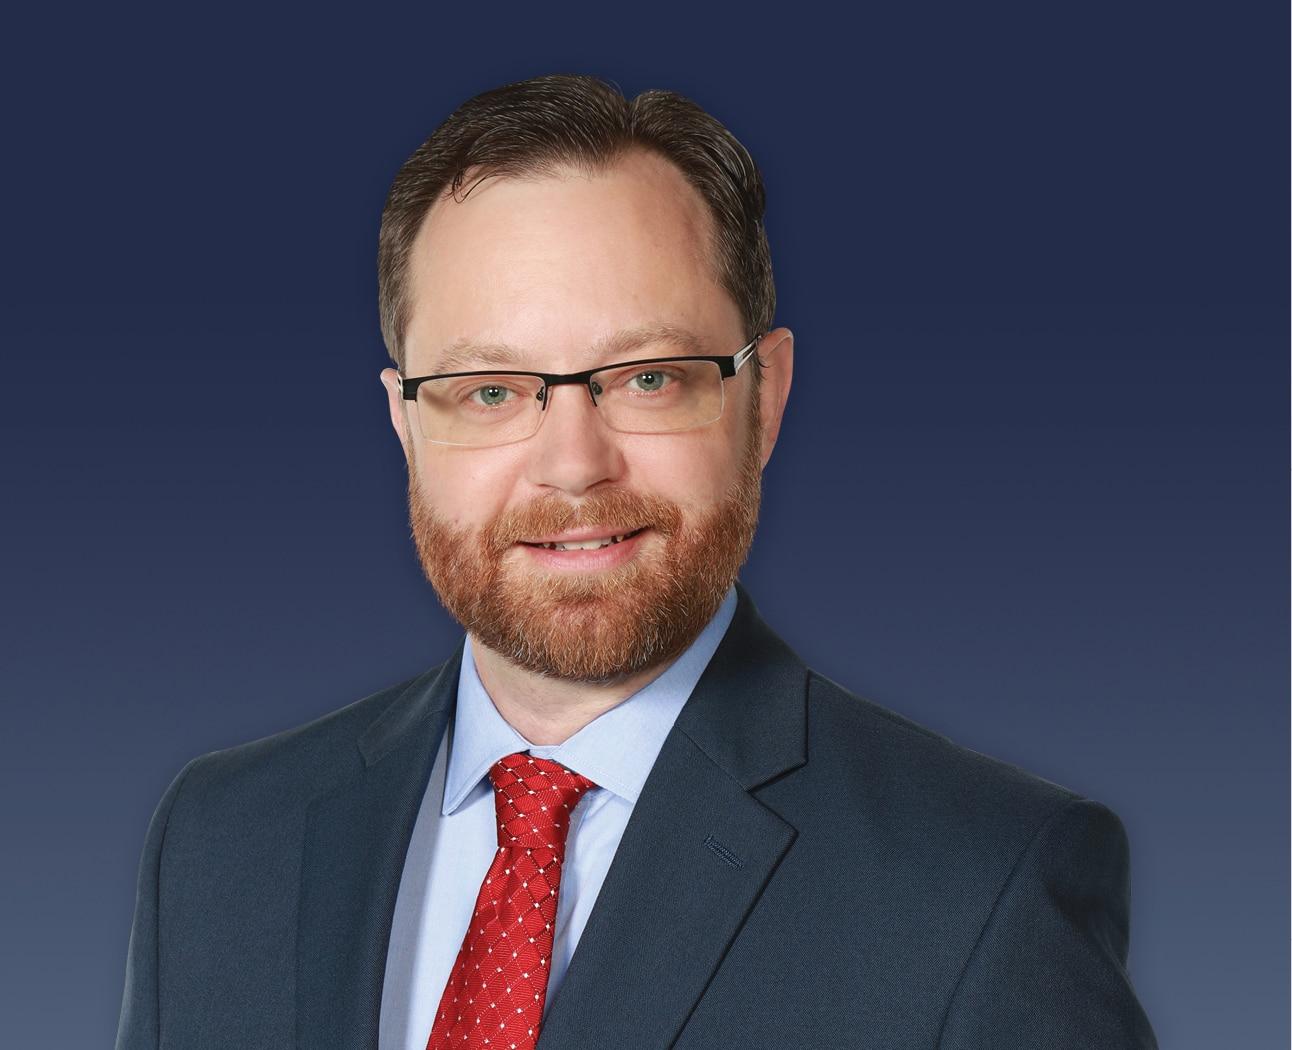 Attorney Edward Rue